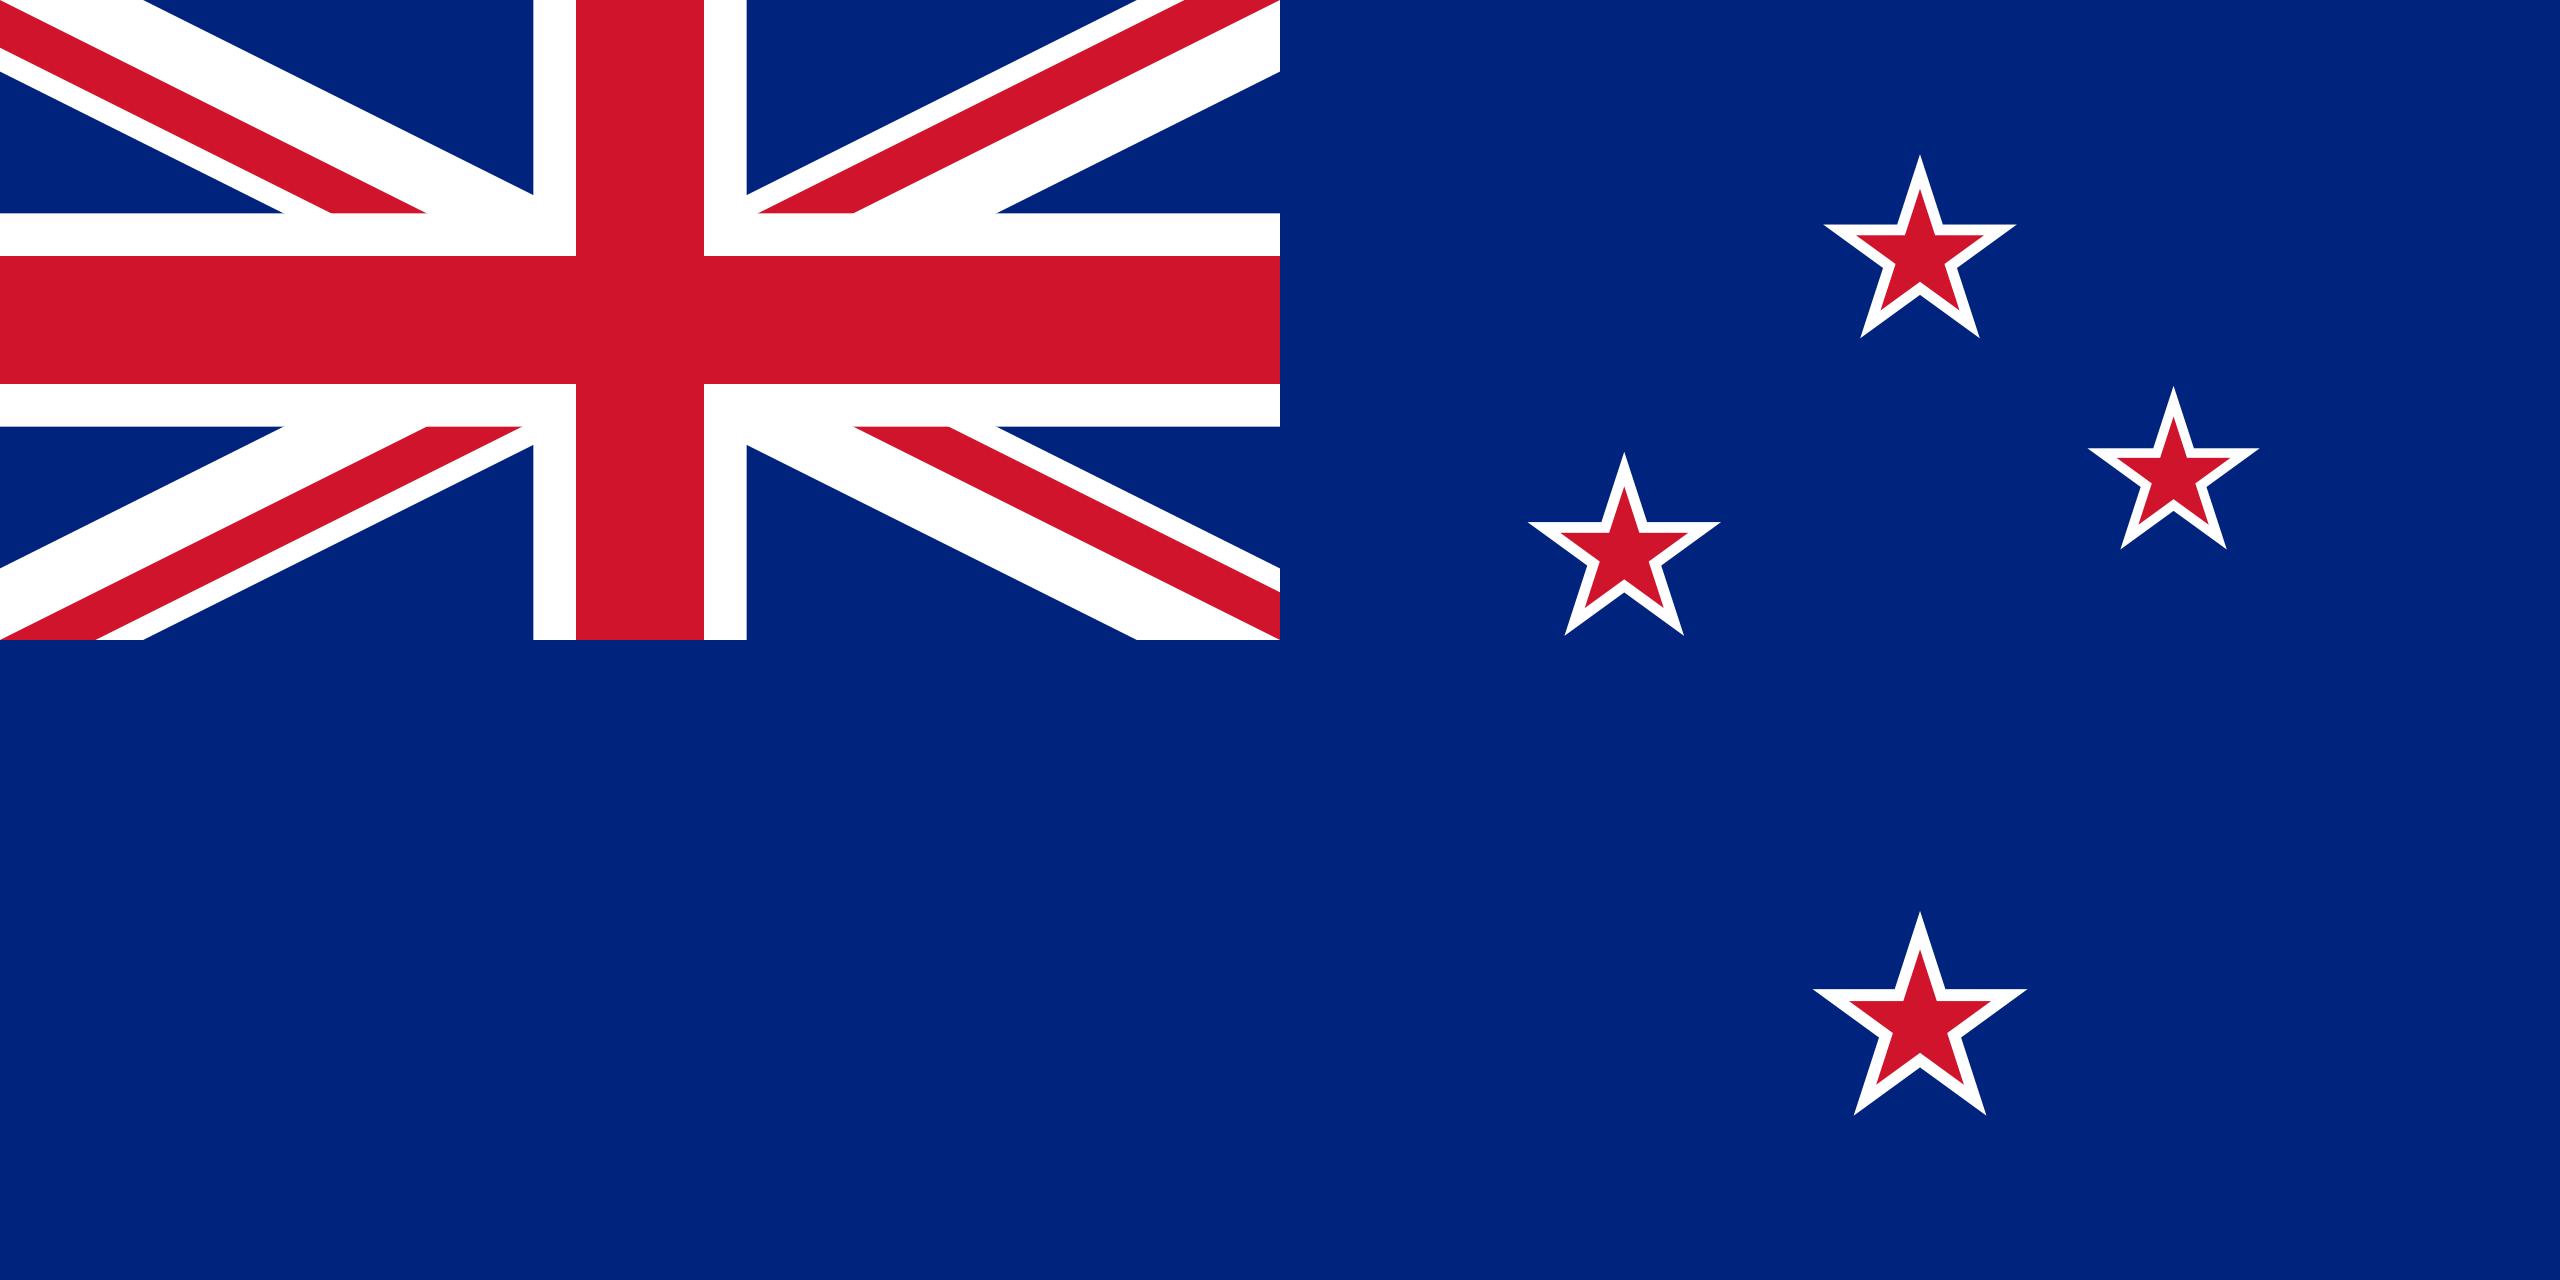 Nouvelle-Zélande, pays, emblème, logo, symbole - Fonds d'écran HD - Professor-falken.com